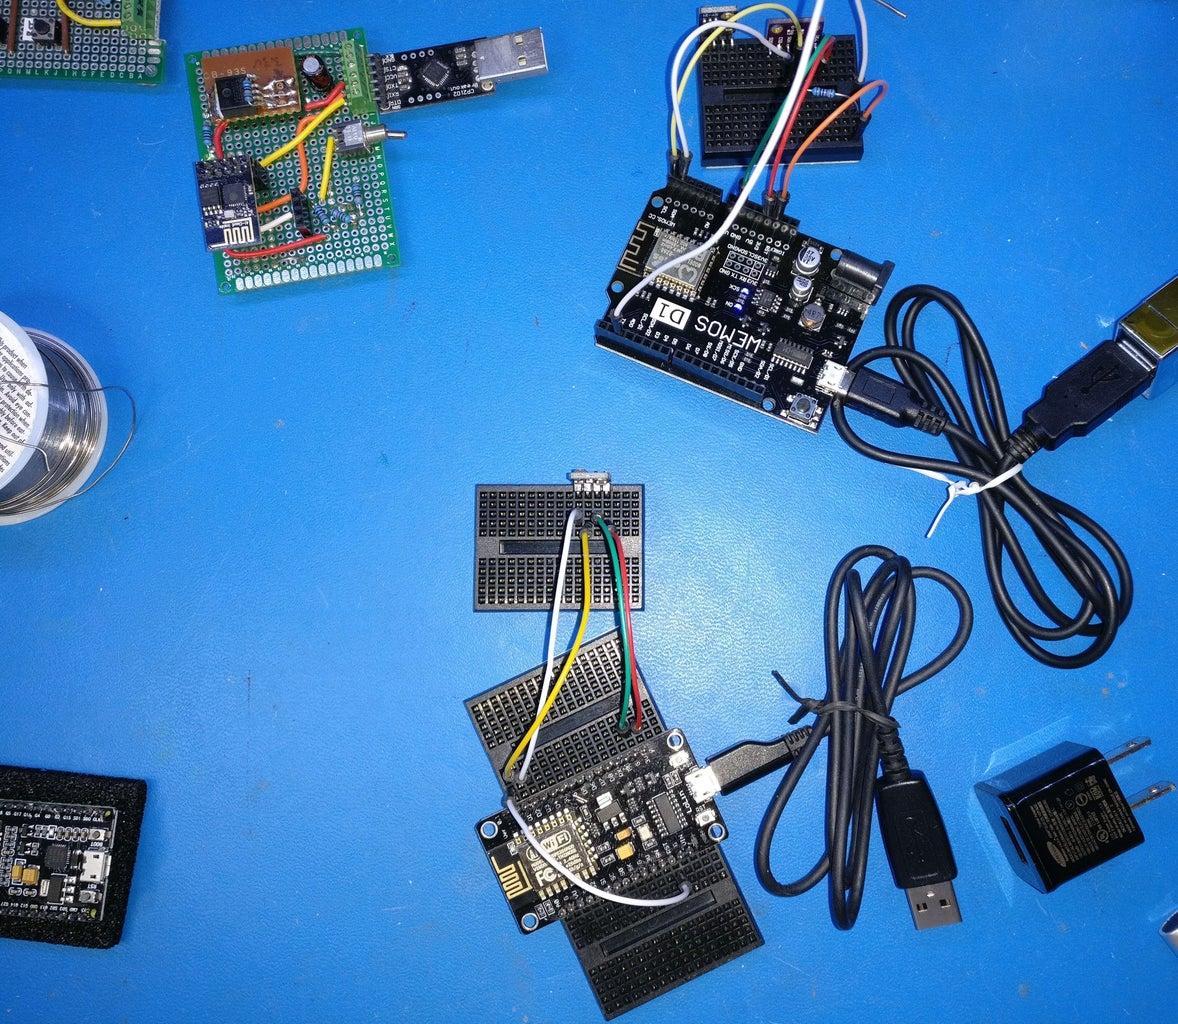 Sensor Stations